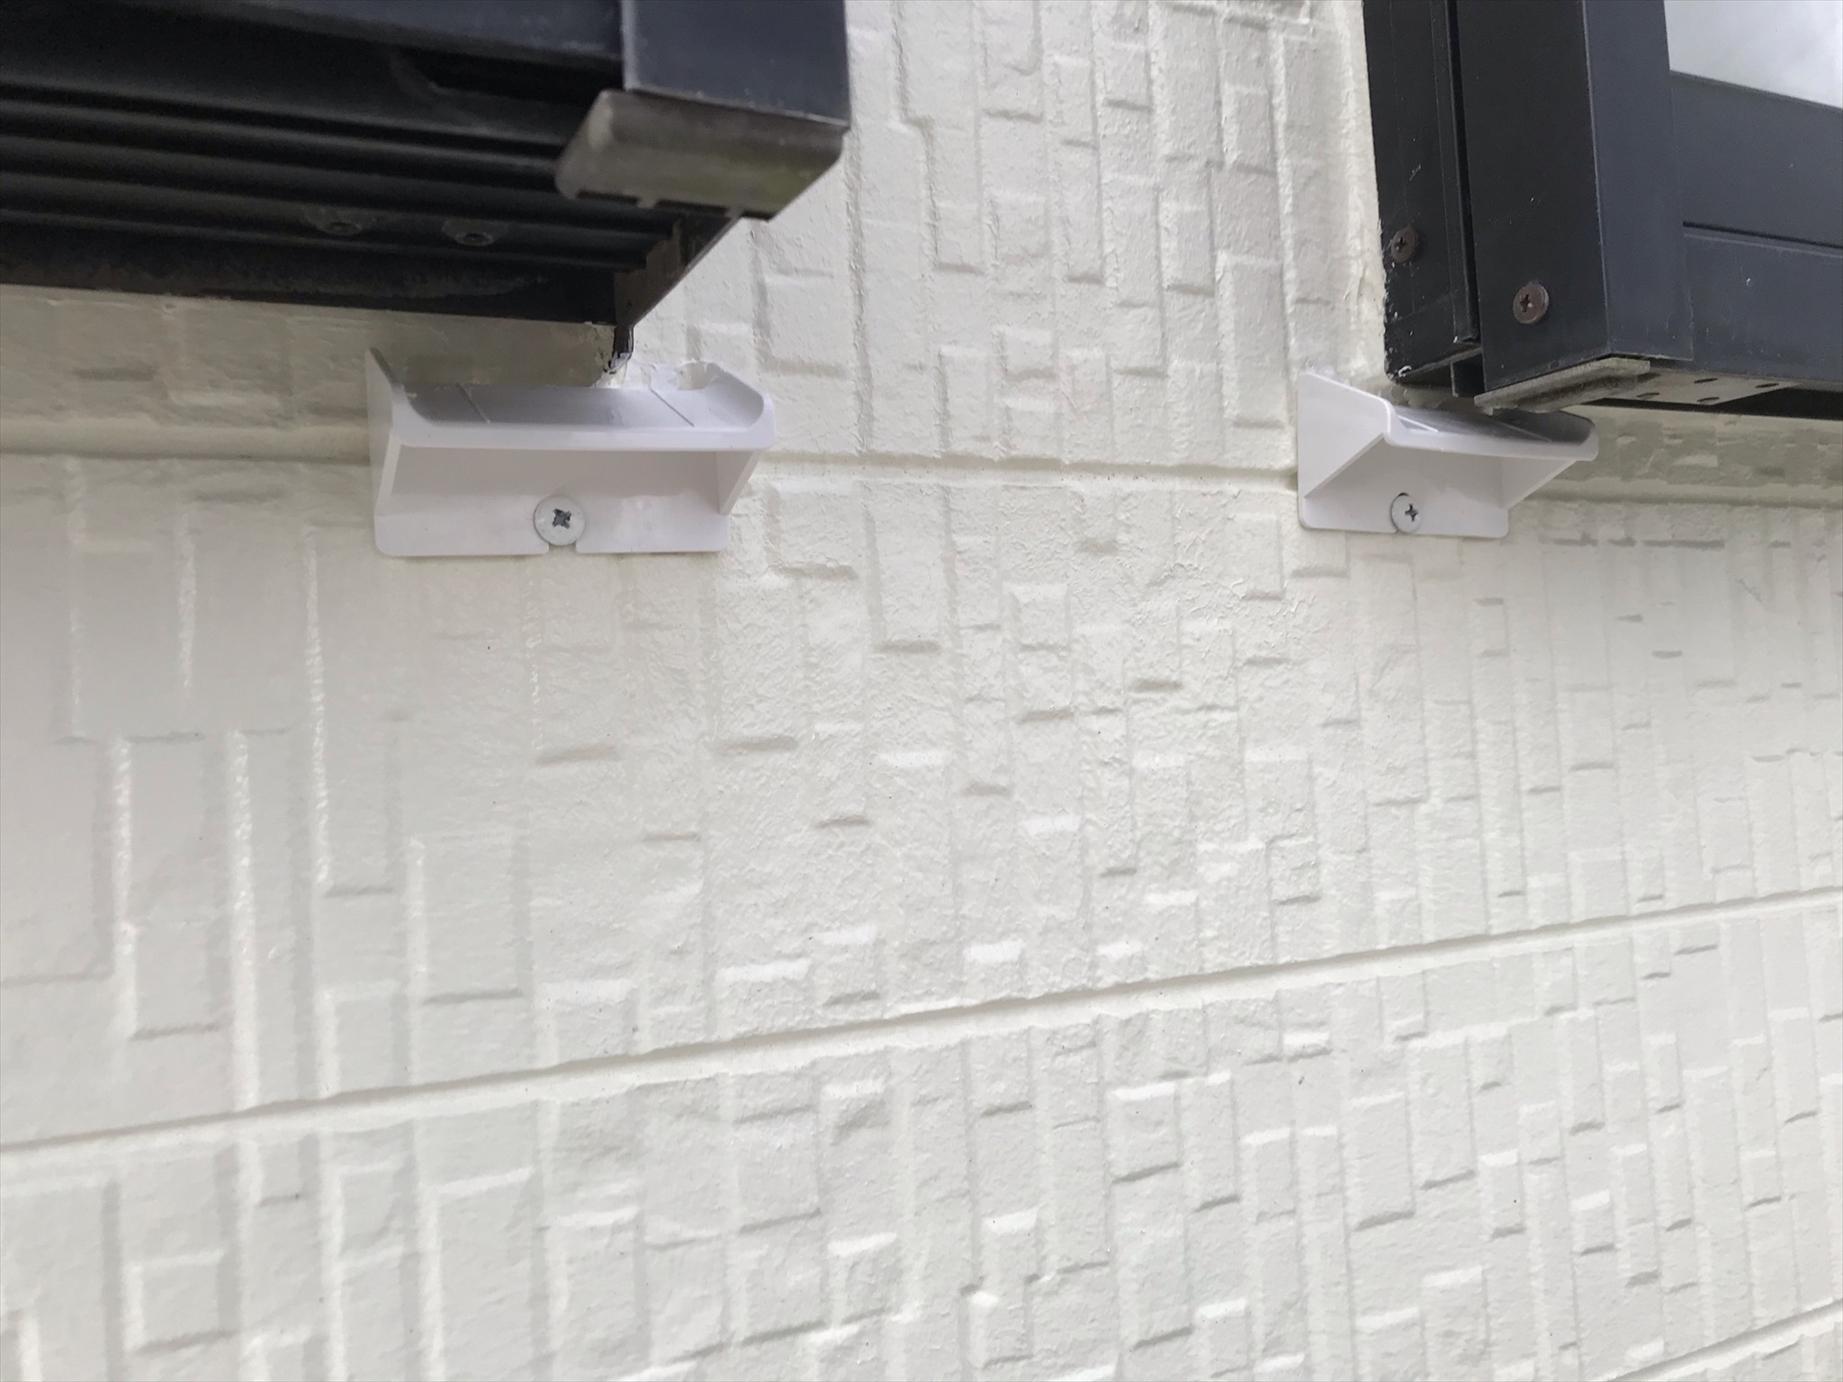 上尾市外壁塗装後に伝え水防止水切り「雨筋ストッパー」取付